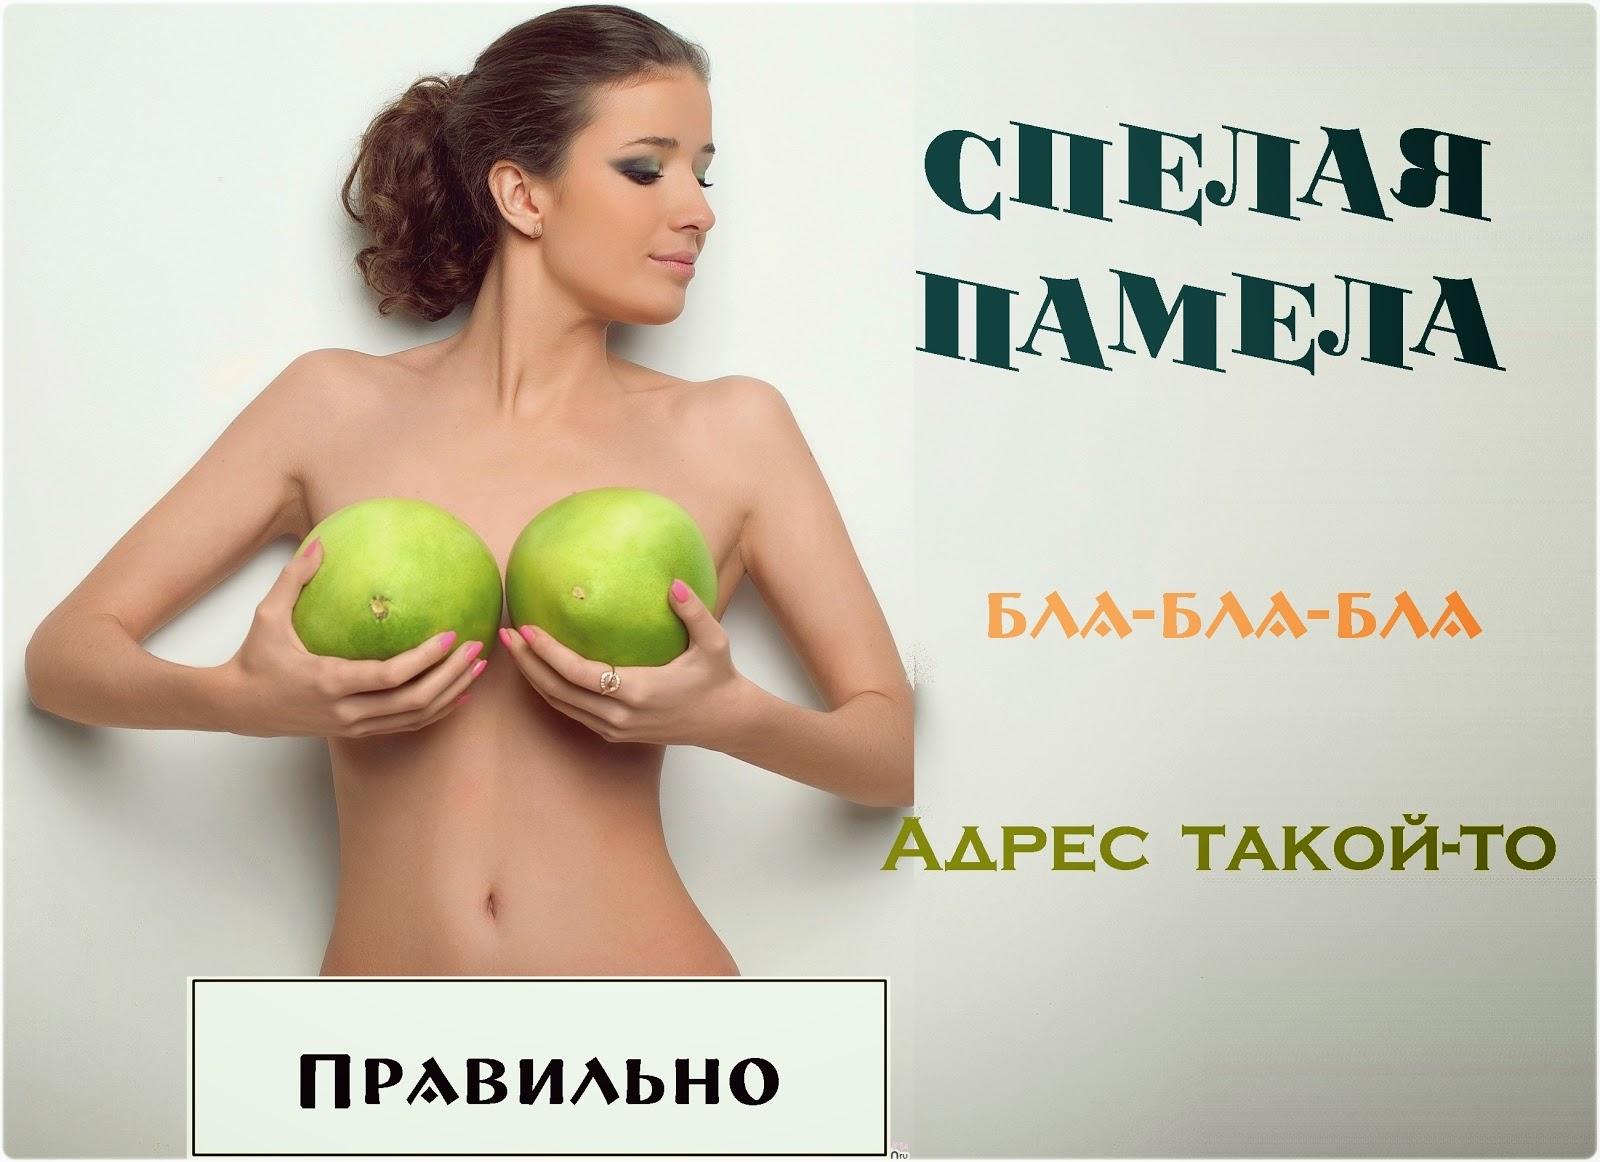 эротика в рекламе, голая девушка